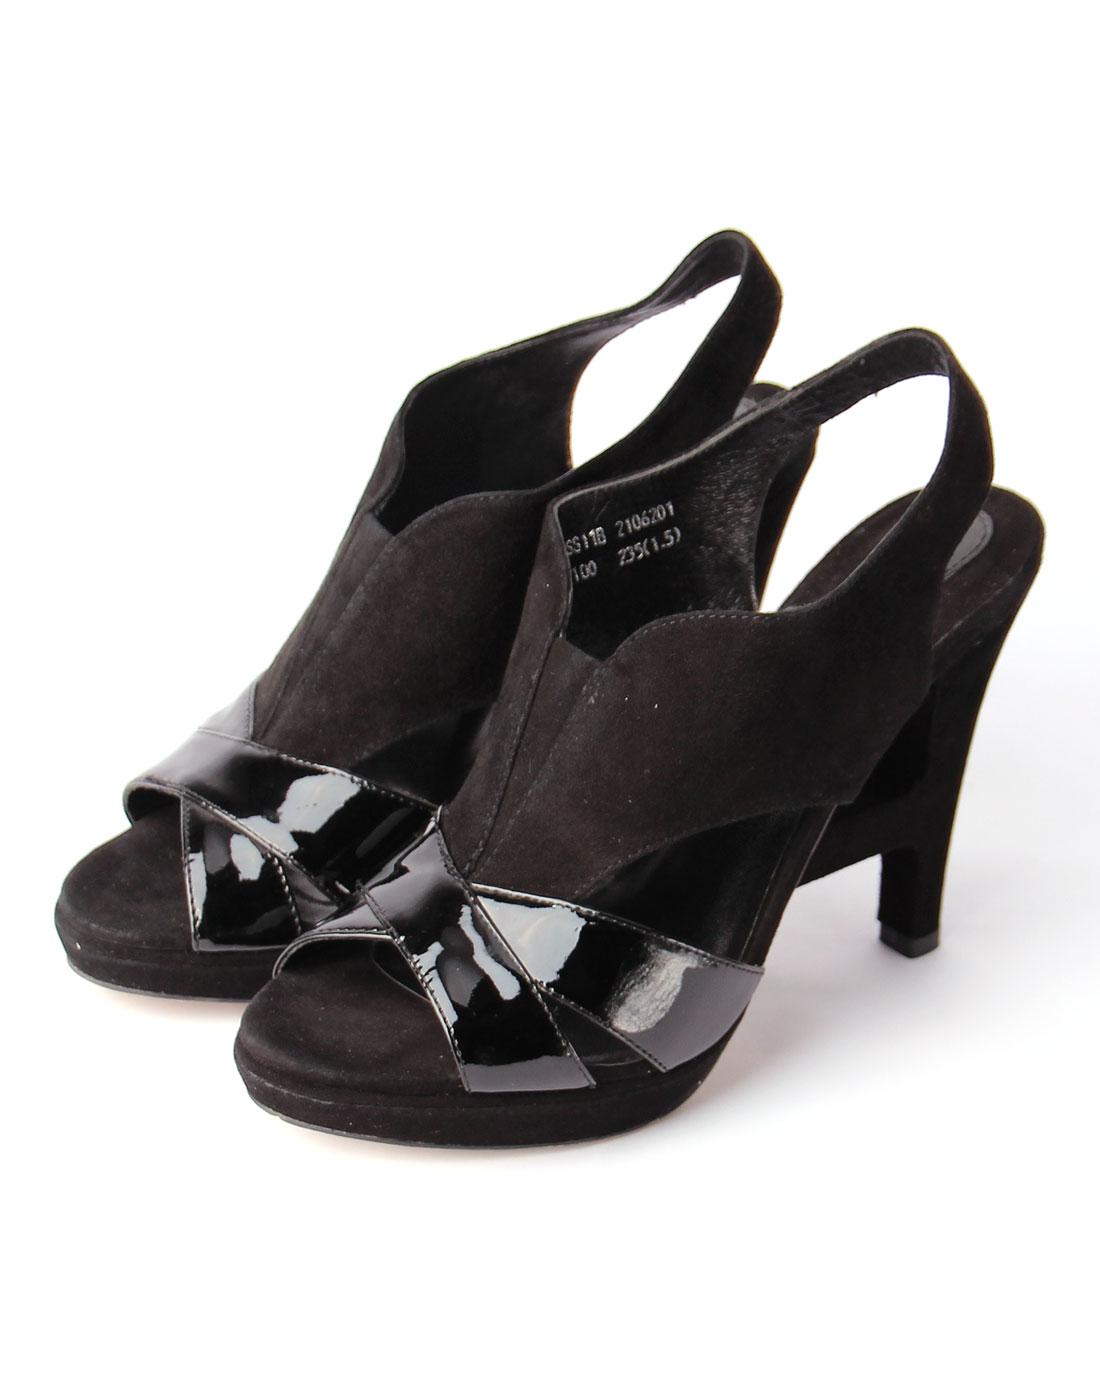 女款黑色牛漆皮/黑色羊皮反绒凉鞋